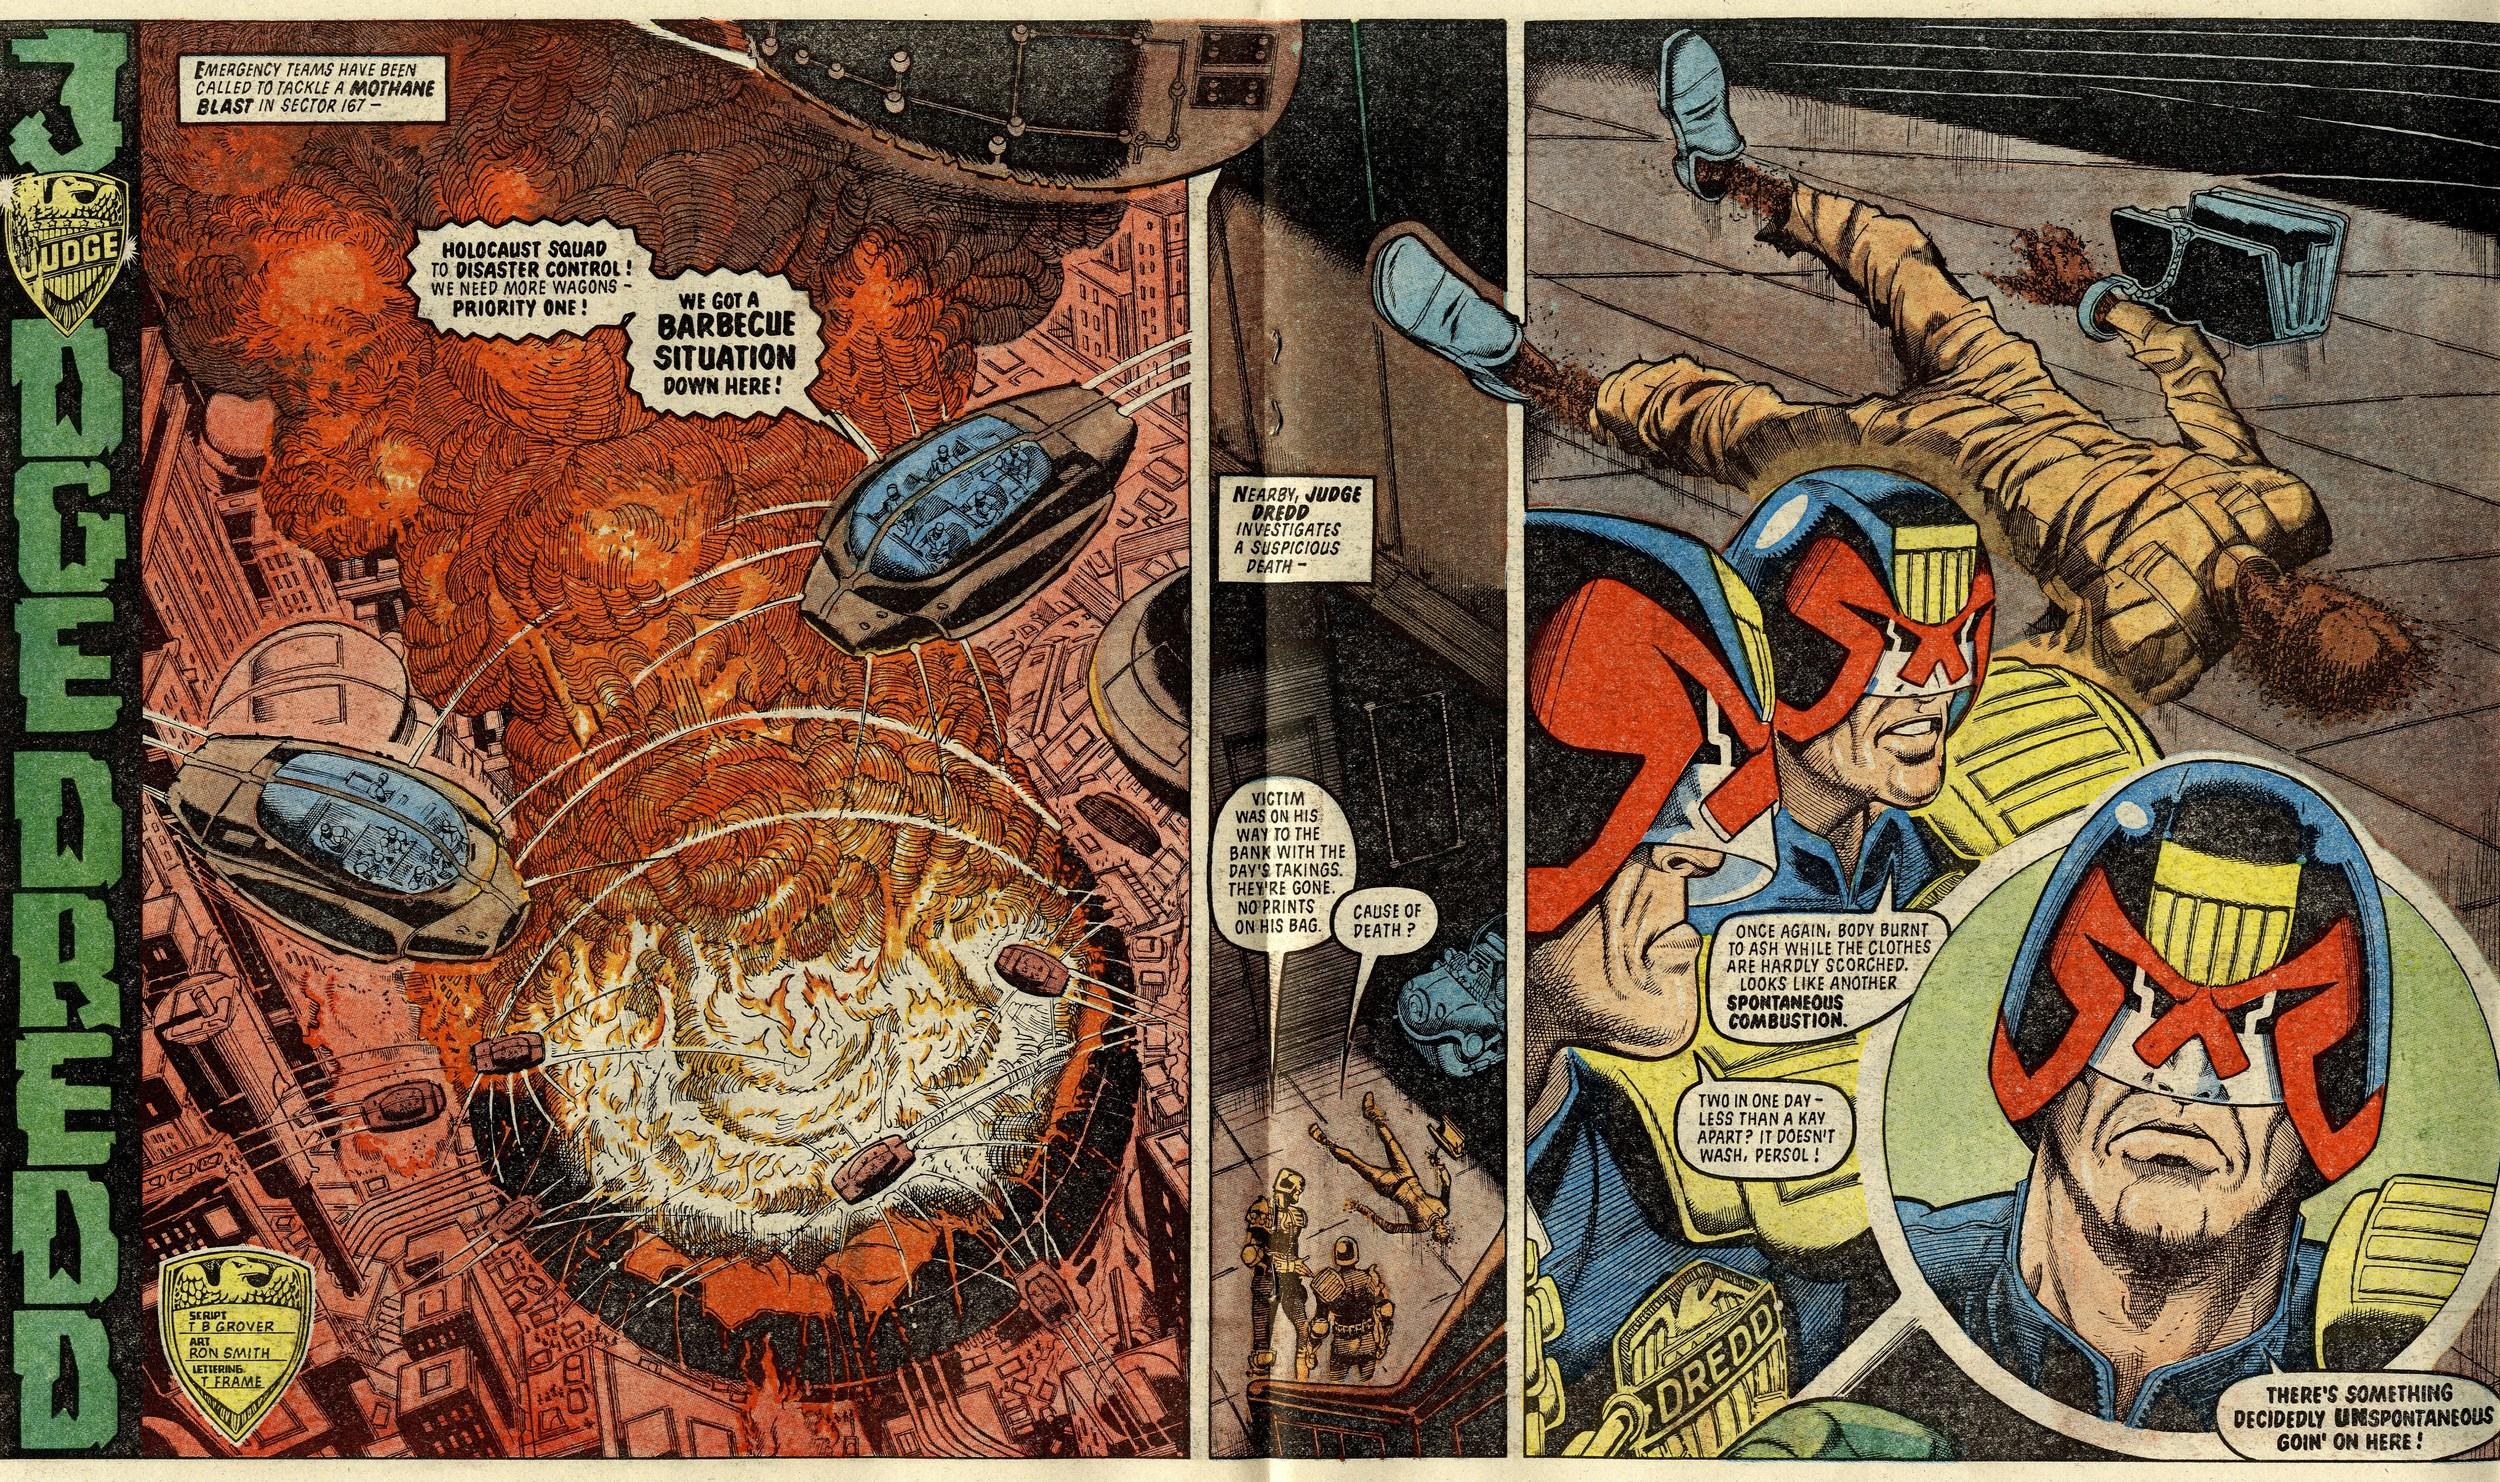 Judge Dredd: John Wagner (writer), Ron Smith (artist)